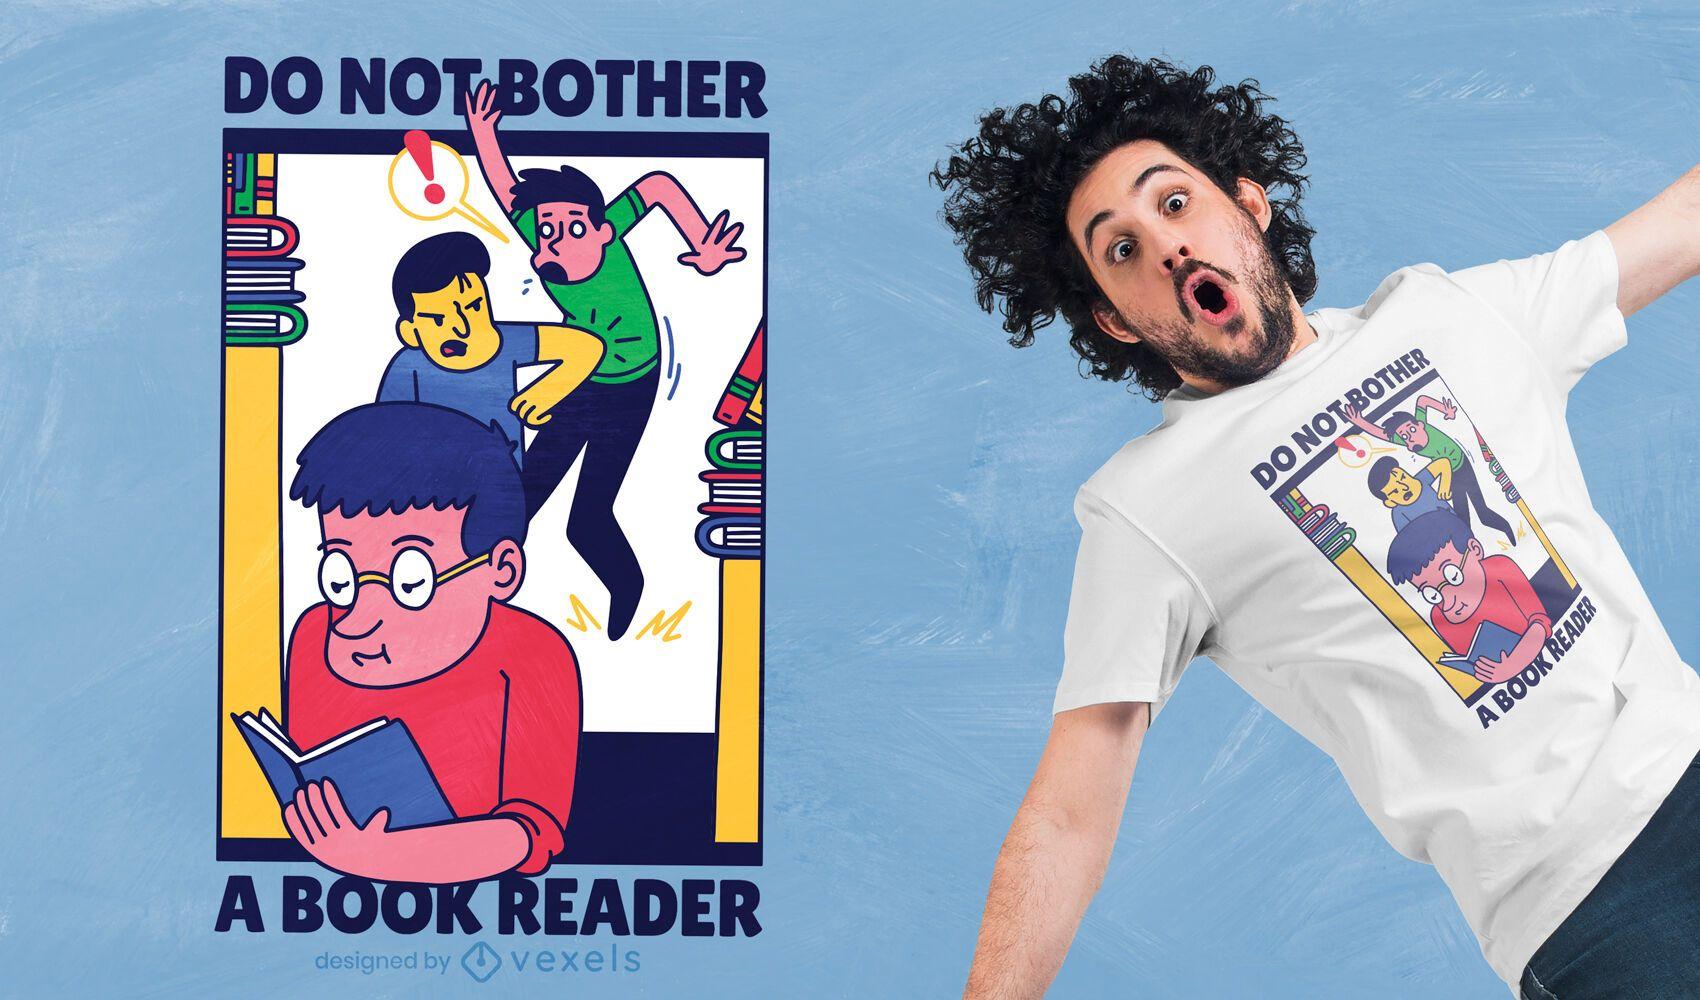 Book reader t-shirt design